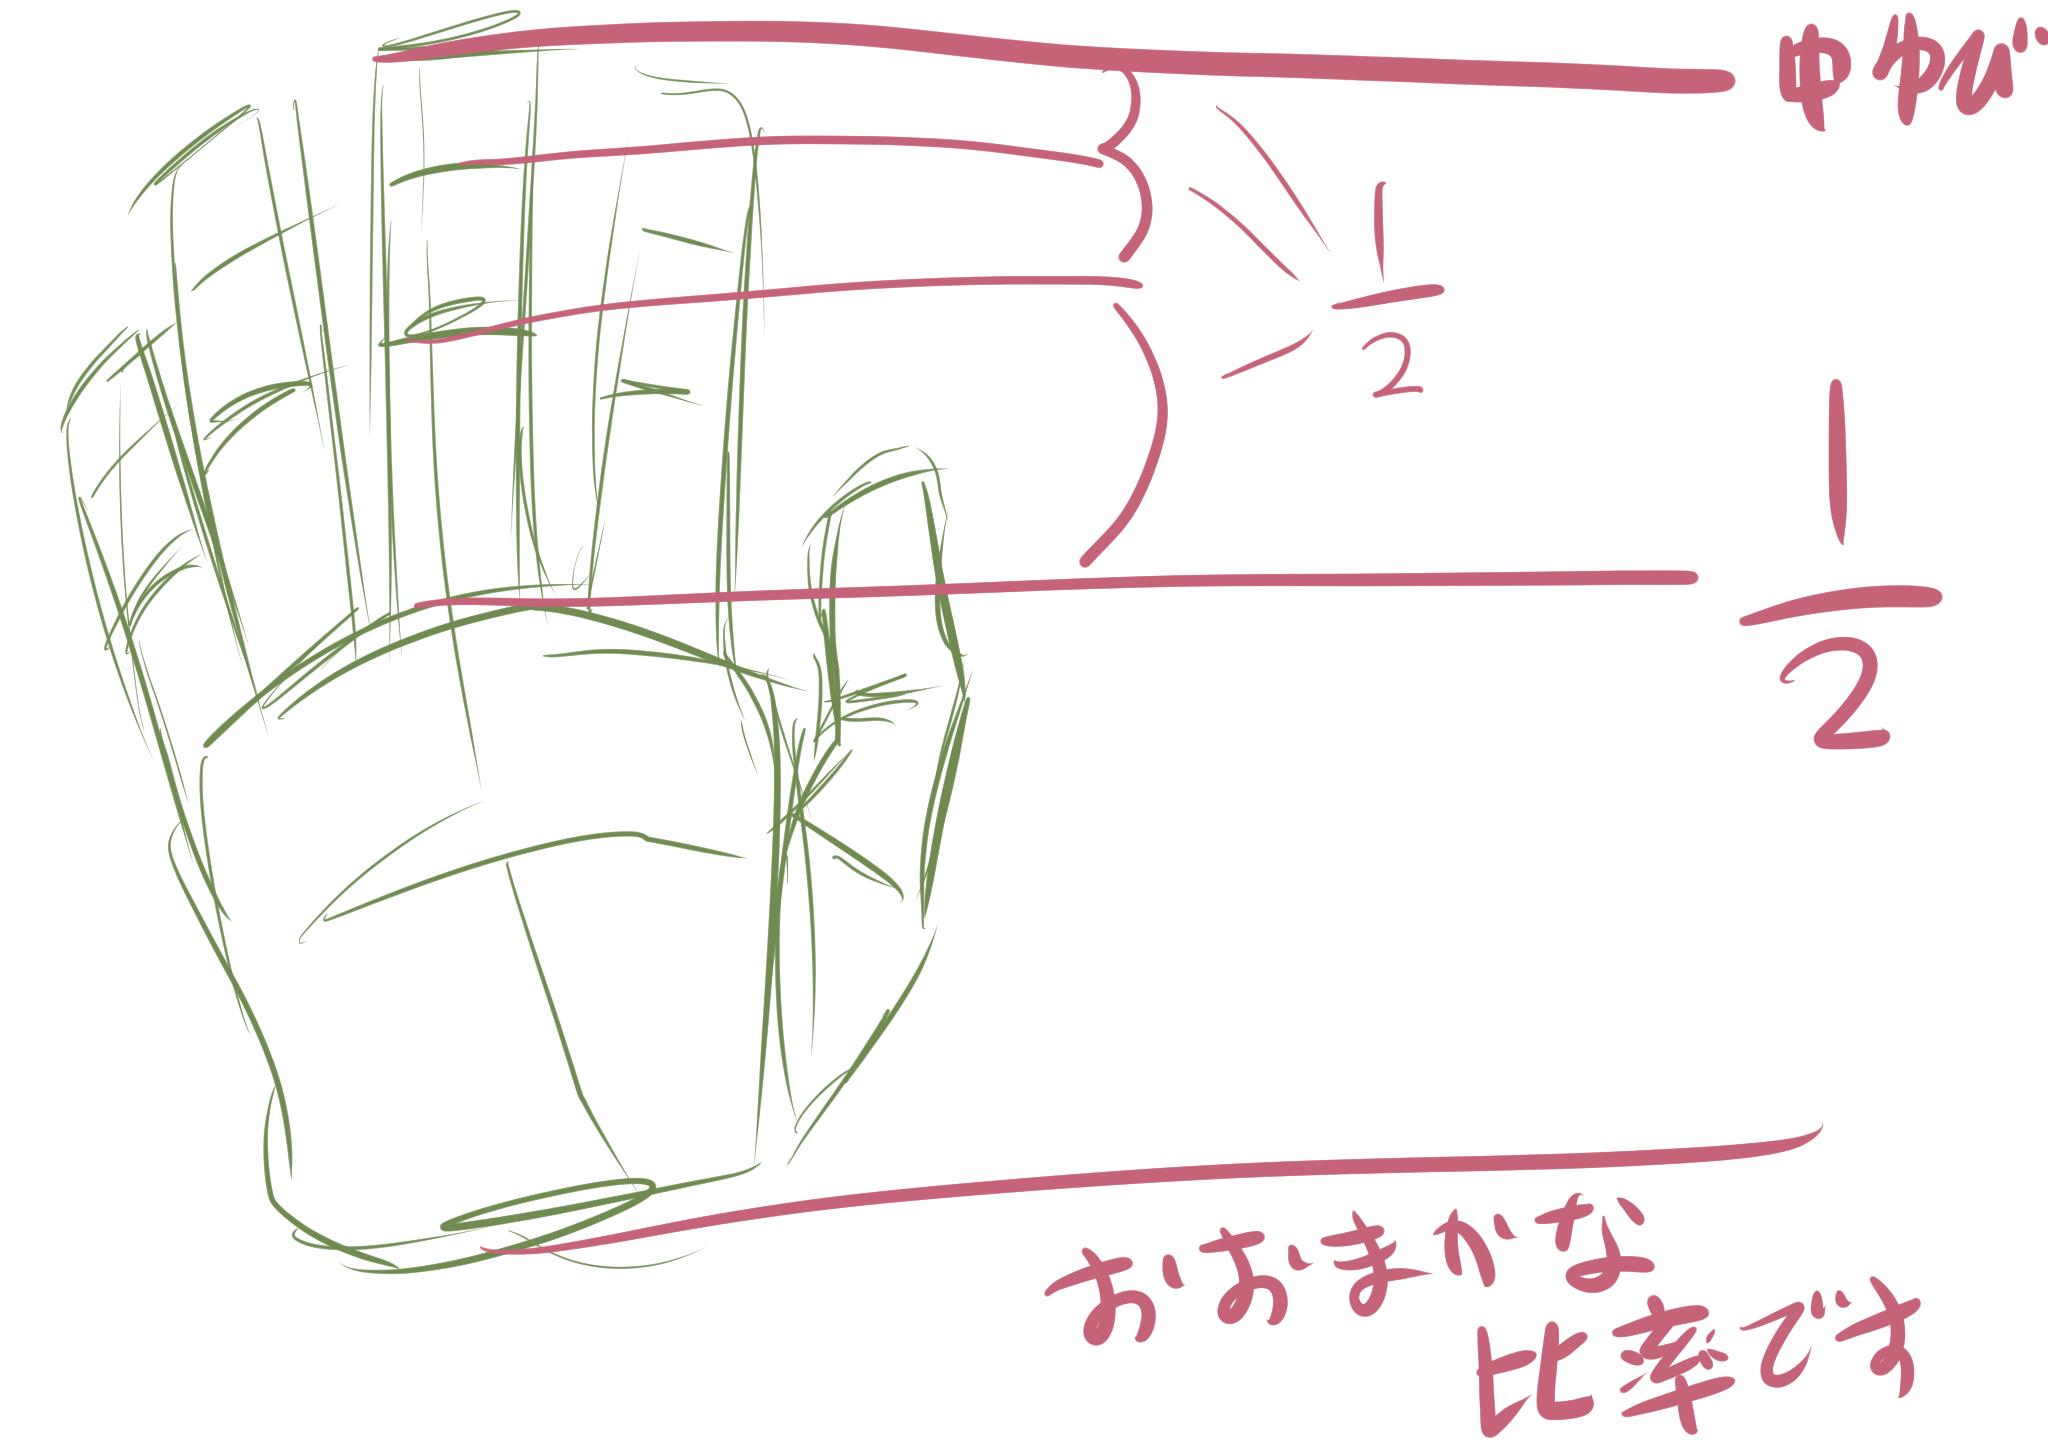 手の書き方を考える2